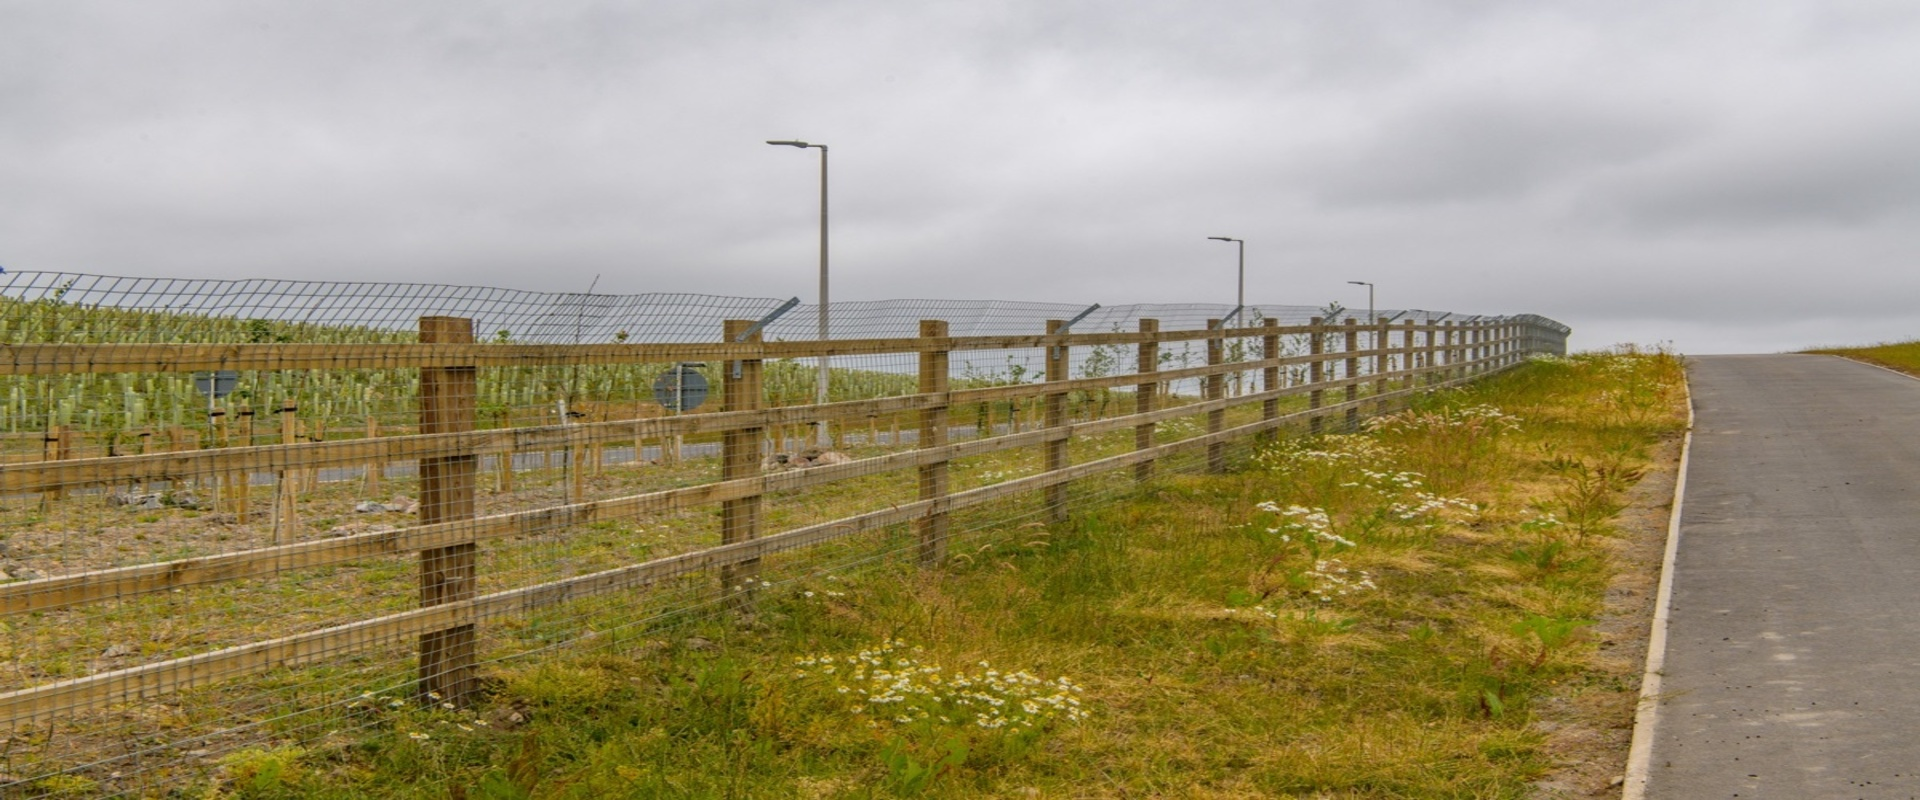 AWPR Aberdeen